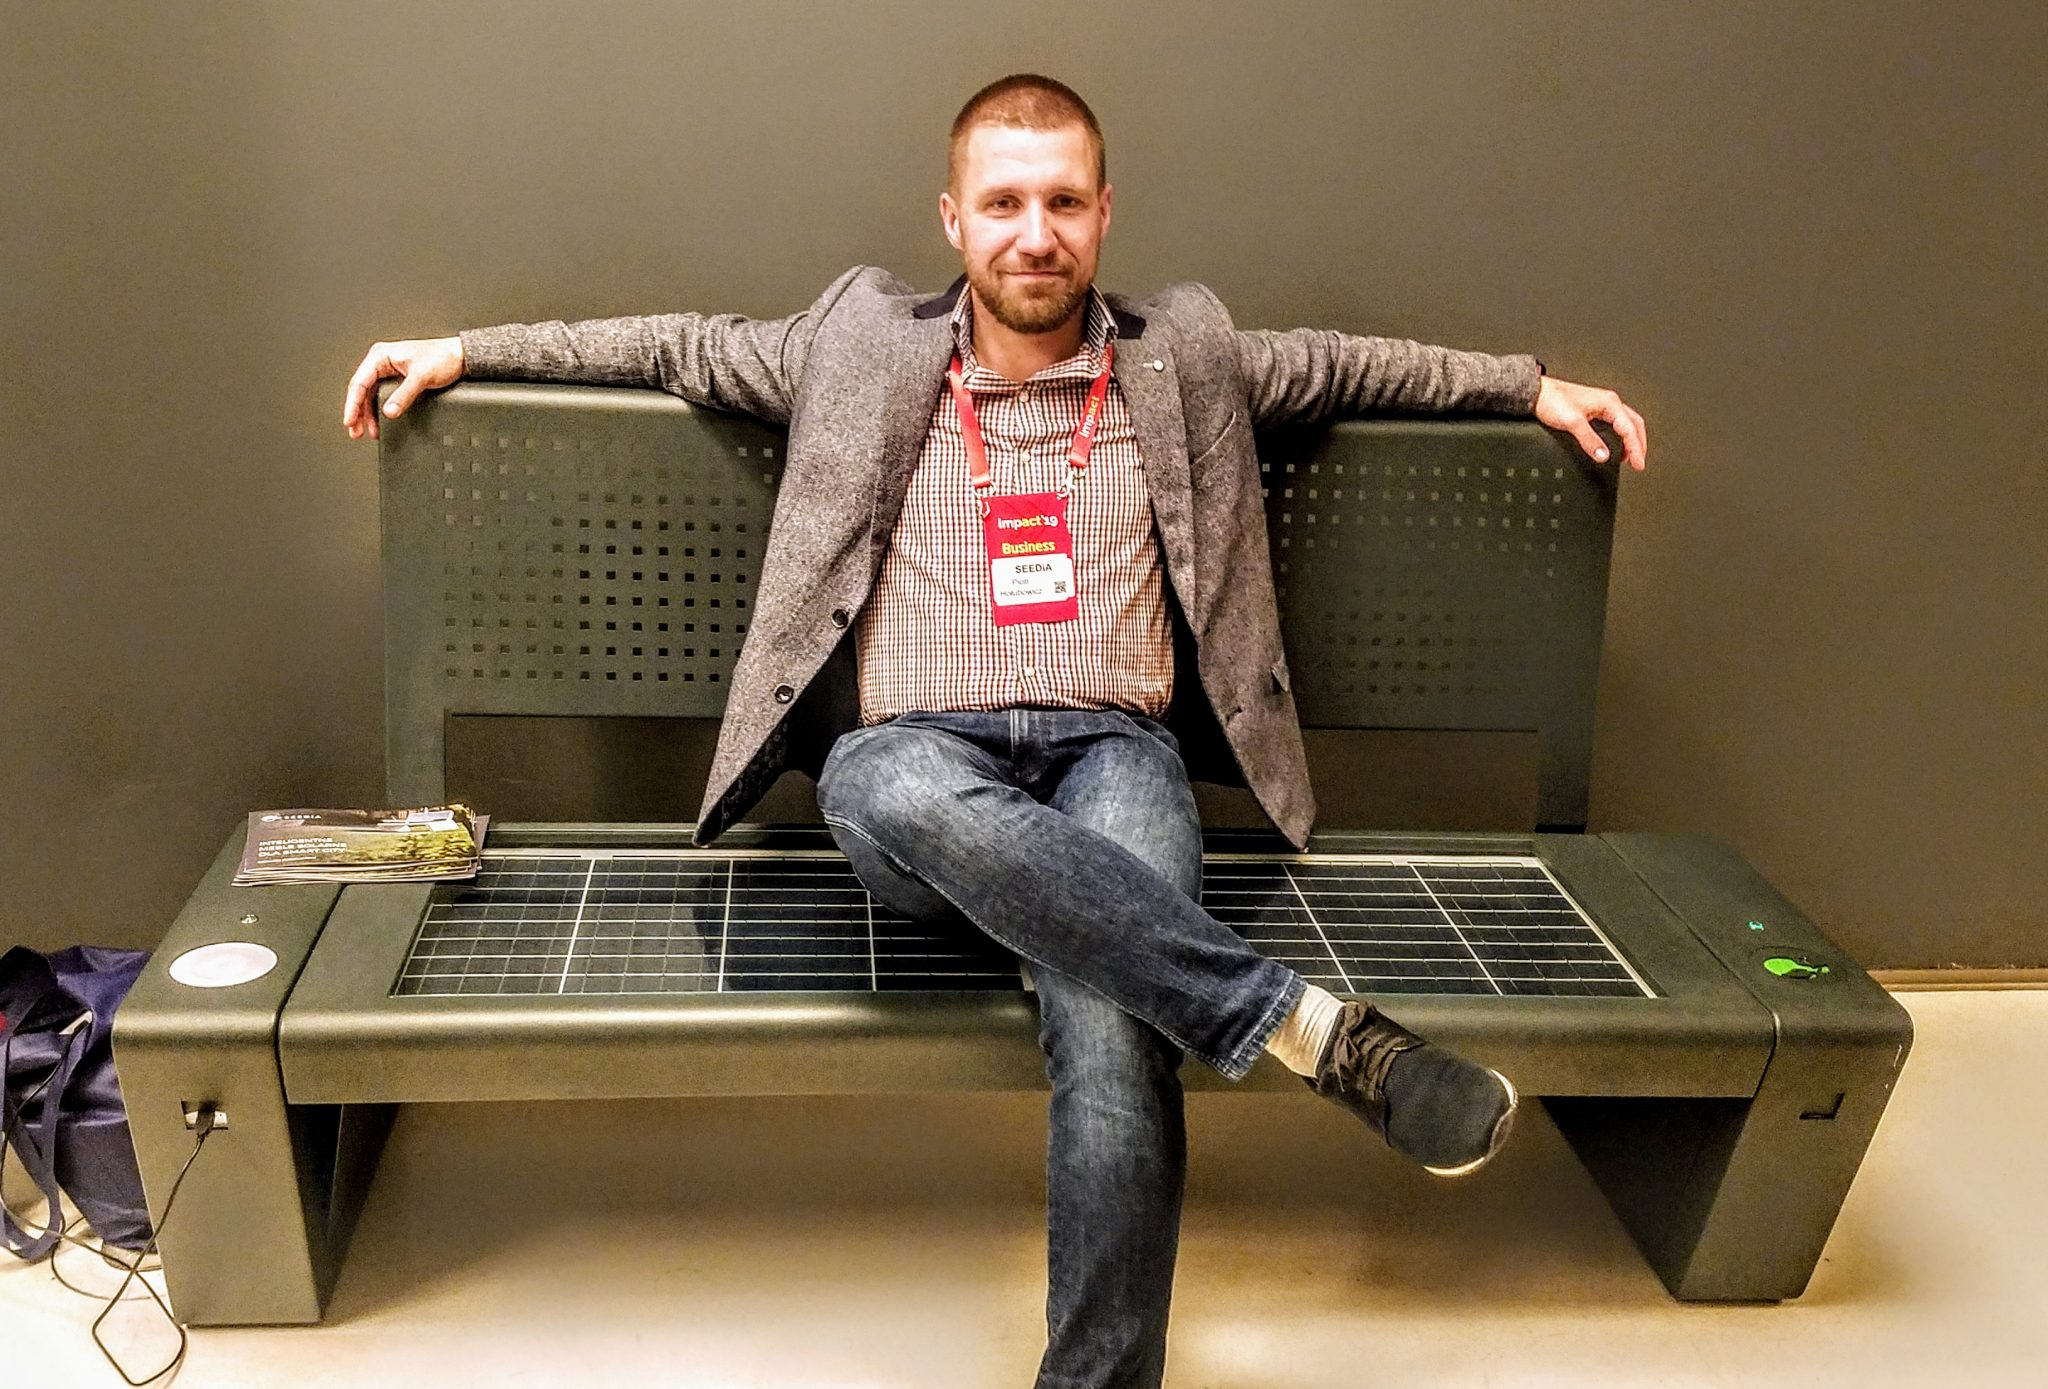 Piotr Hołubowicz, CEO of Seedia